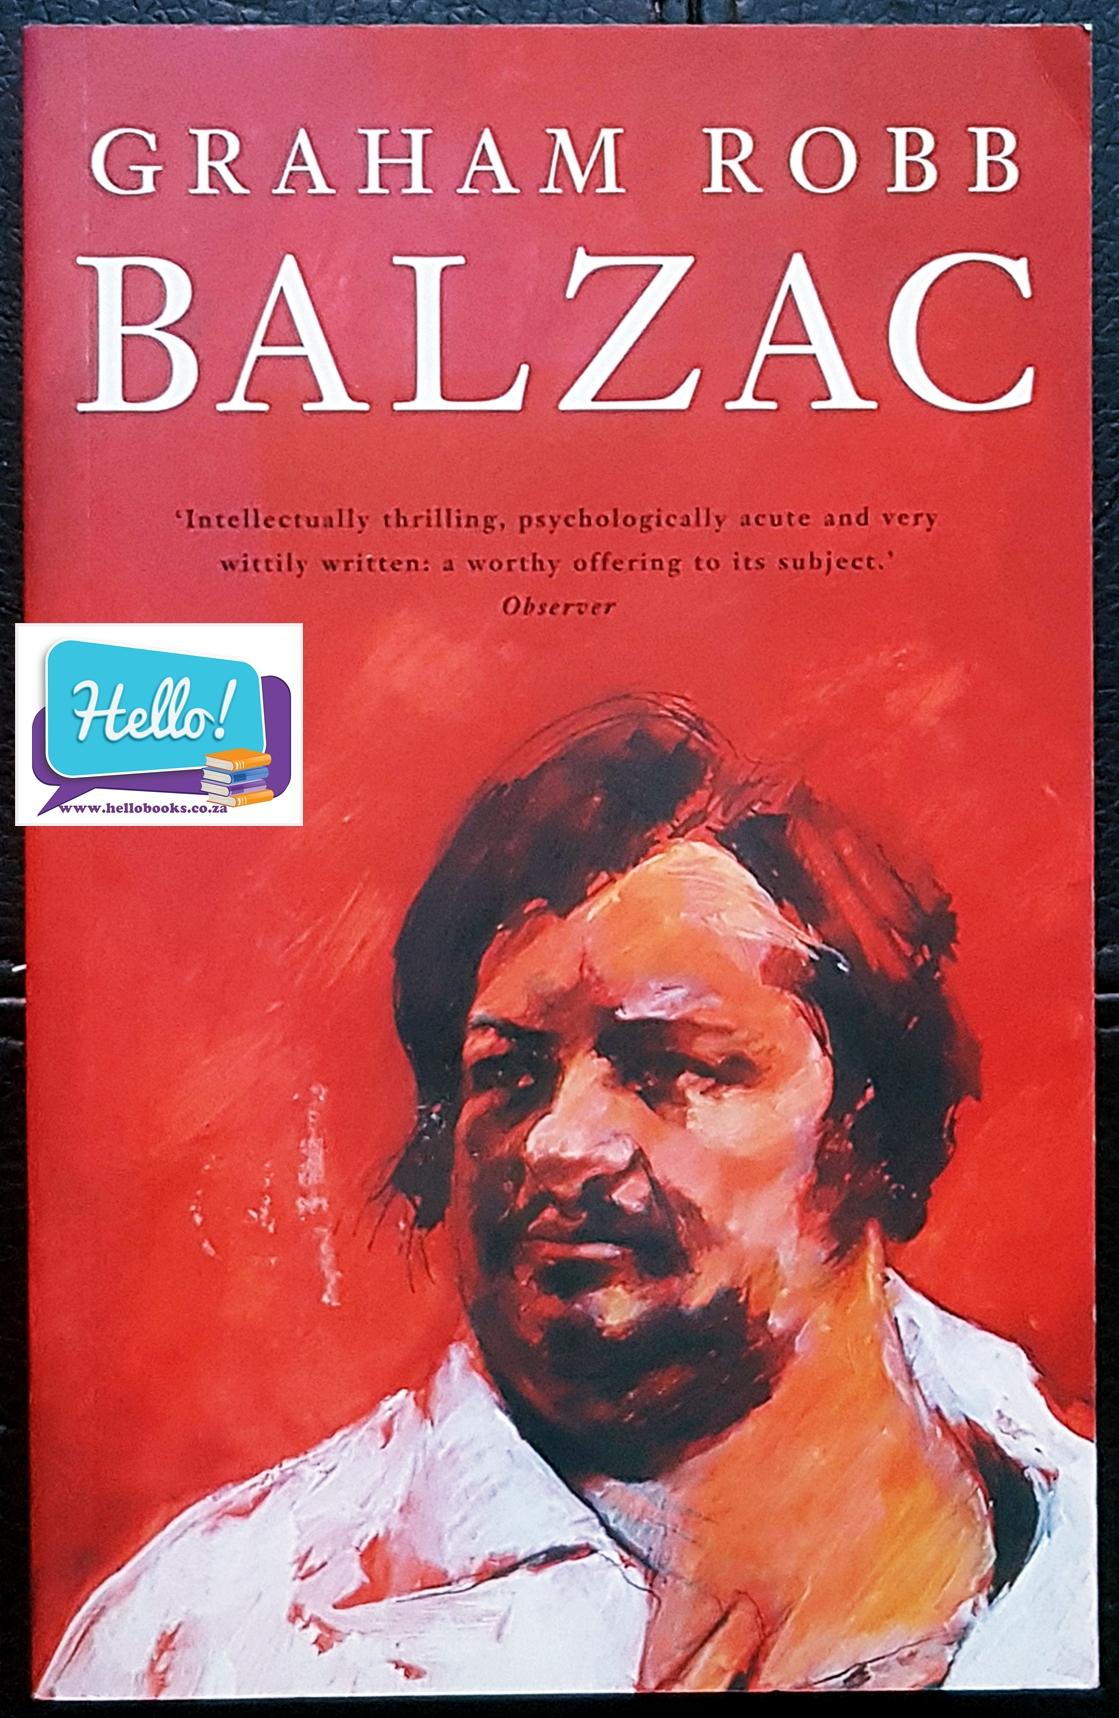 Graham Robb Balzac